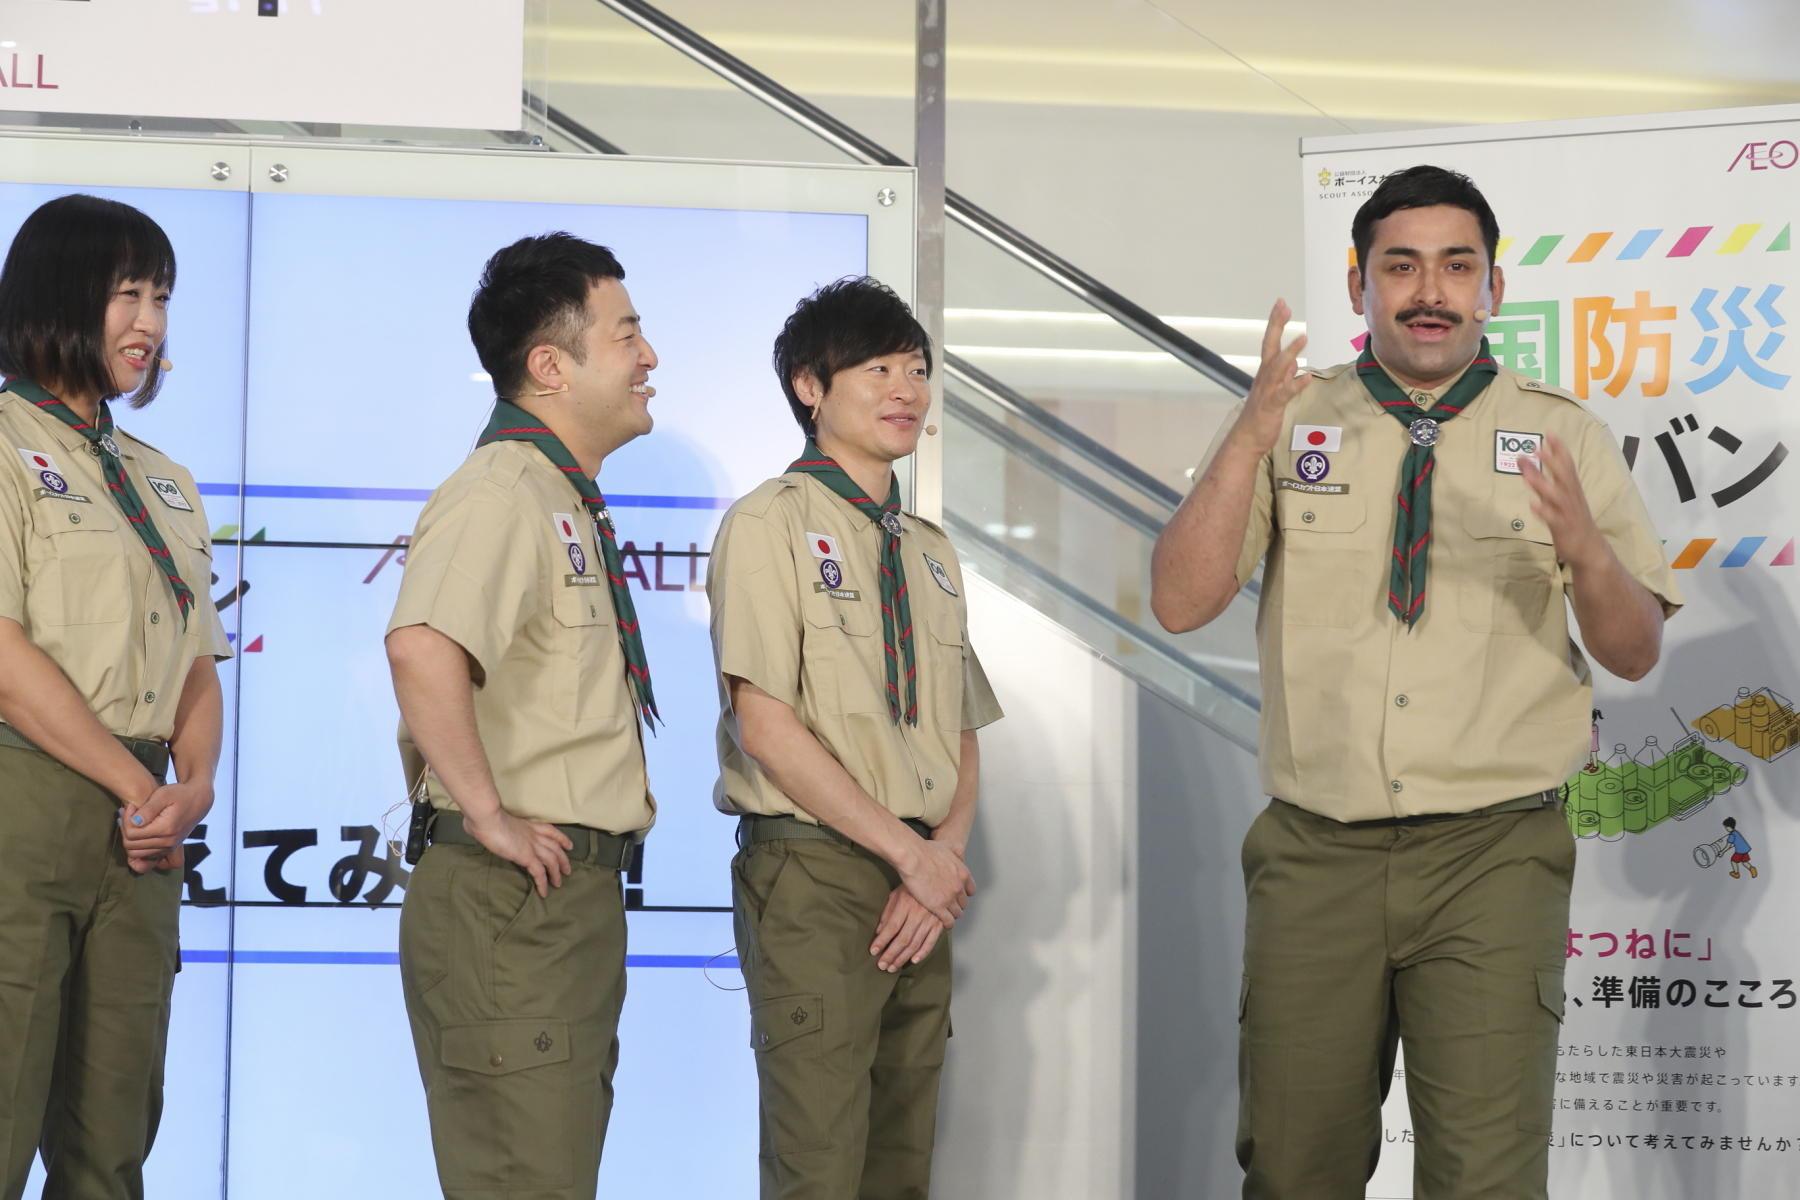 http://news.yoshimoto.co.jp/20180830174148-131513fe986b7ca3d46bfc59f61c469c264420ff.jpg